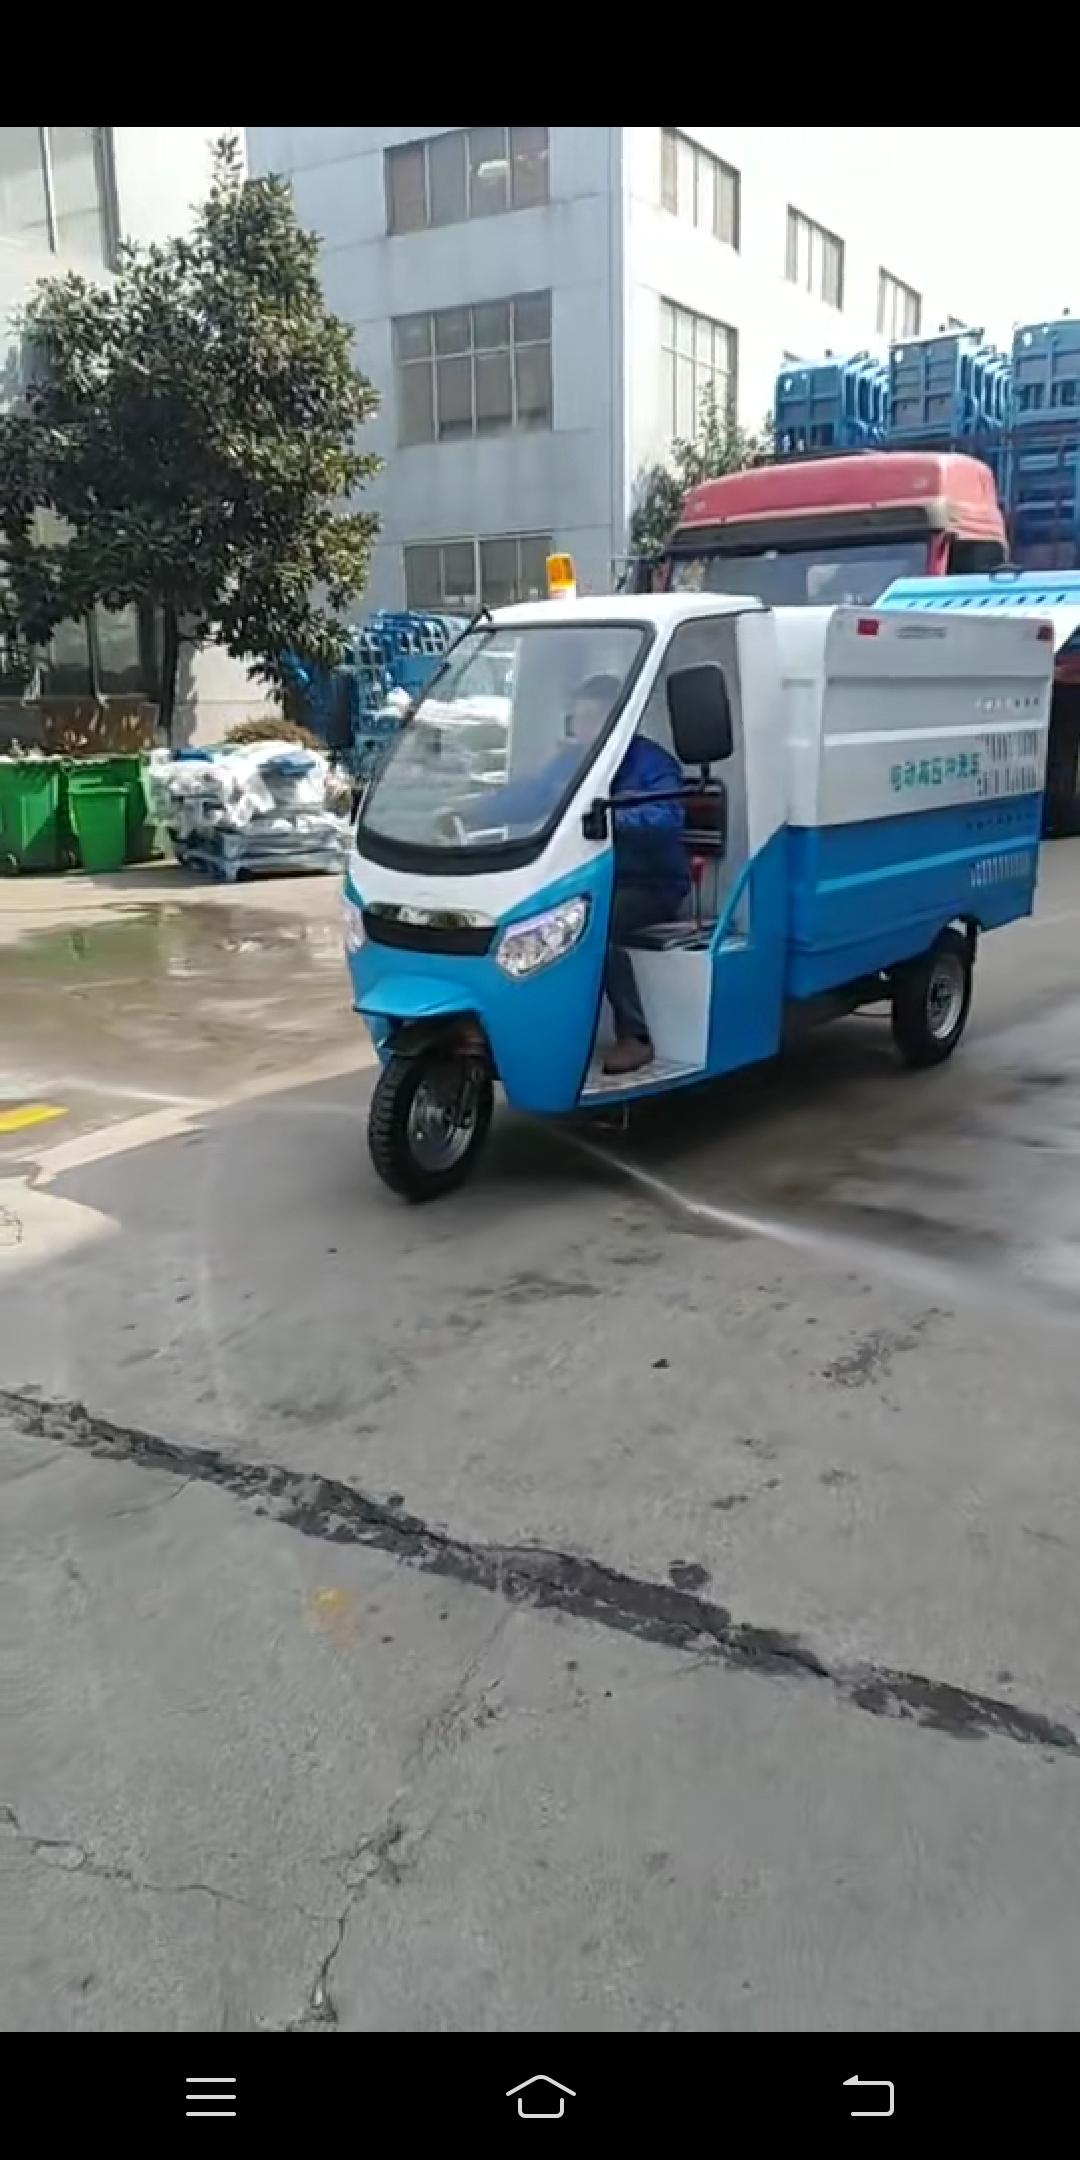 三輪路面清洗車視頻